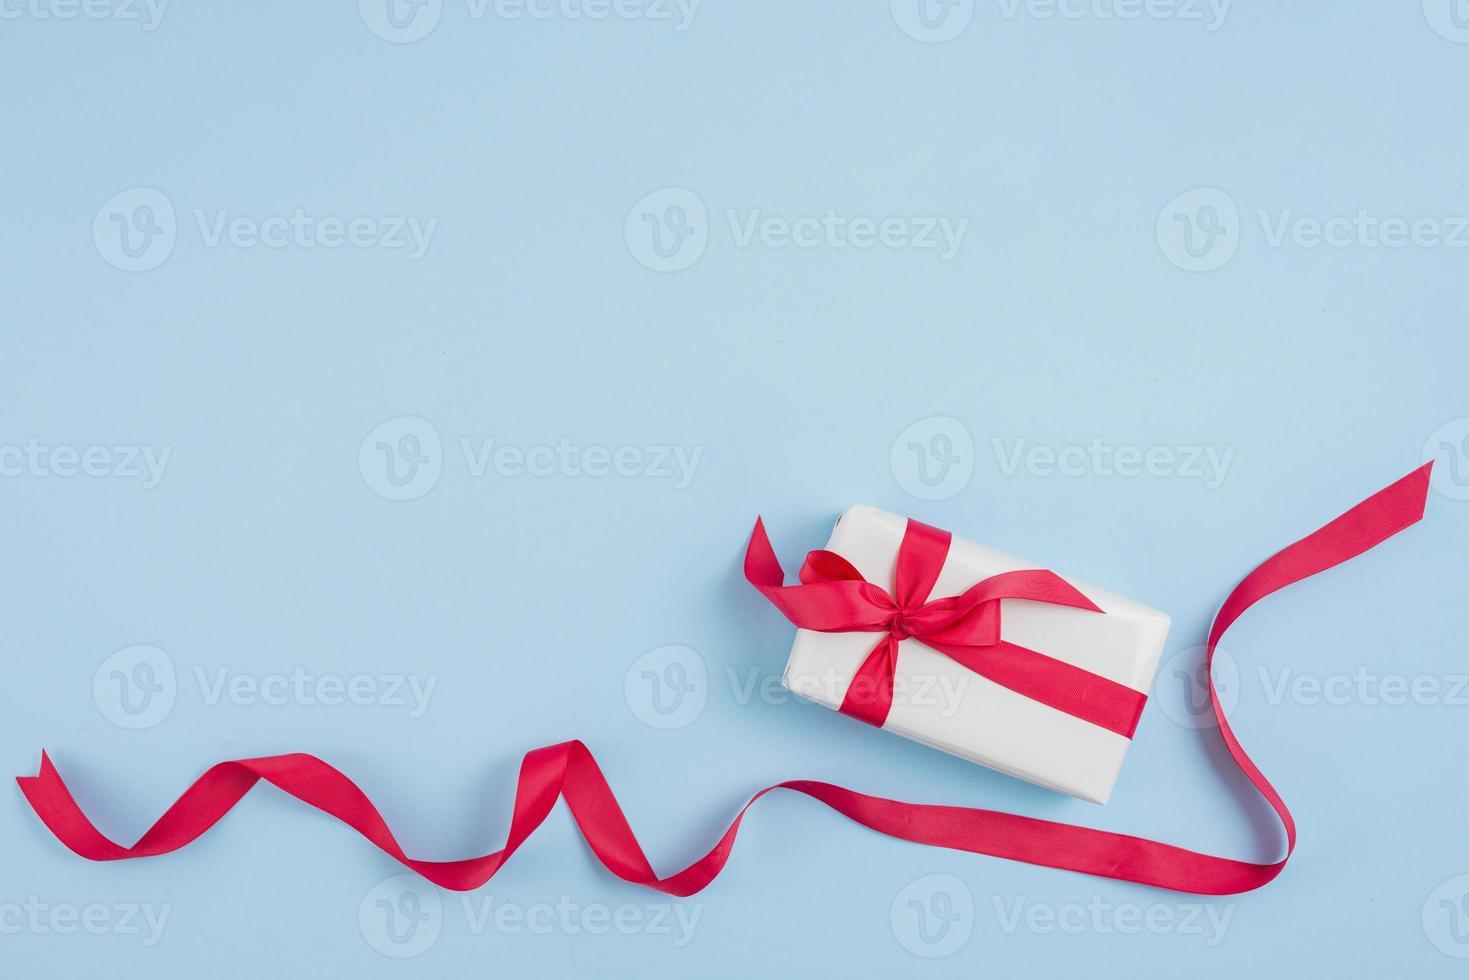 rotes Band nahe Geschenkbox auf blauem Hintergrund foto